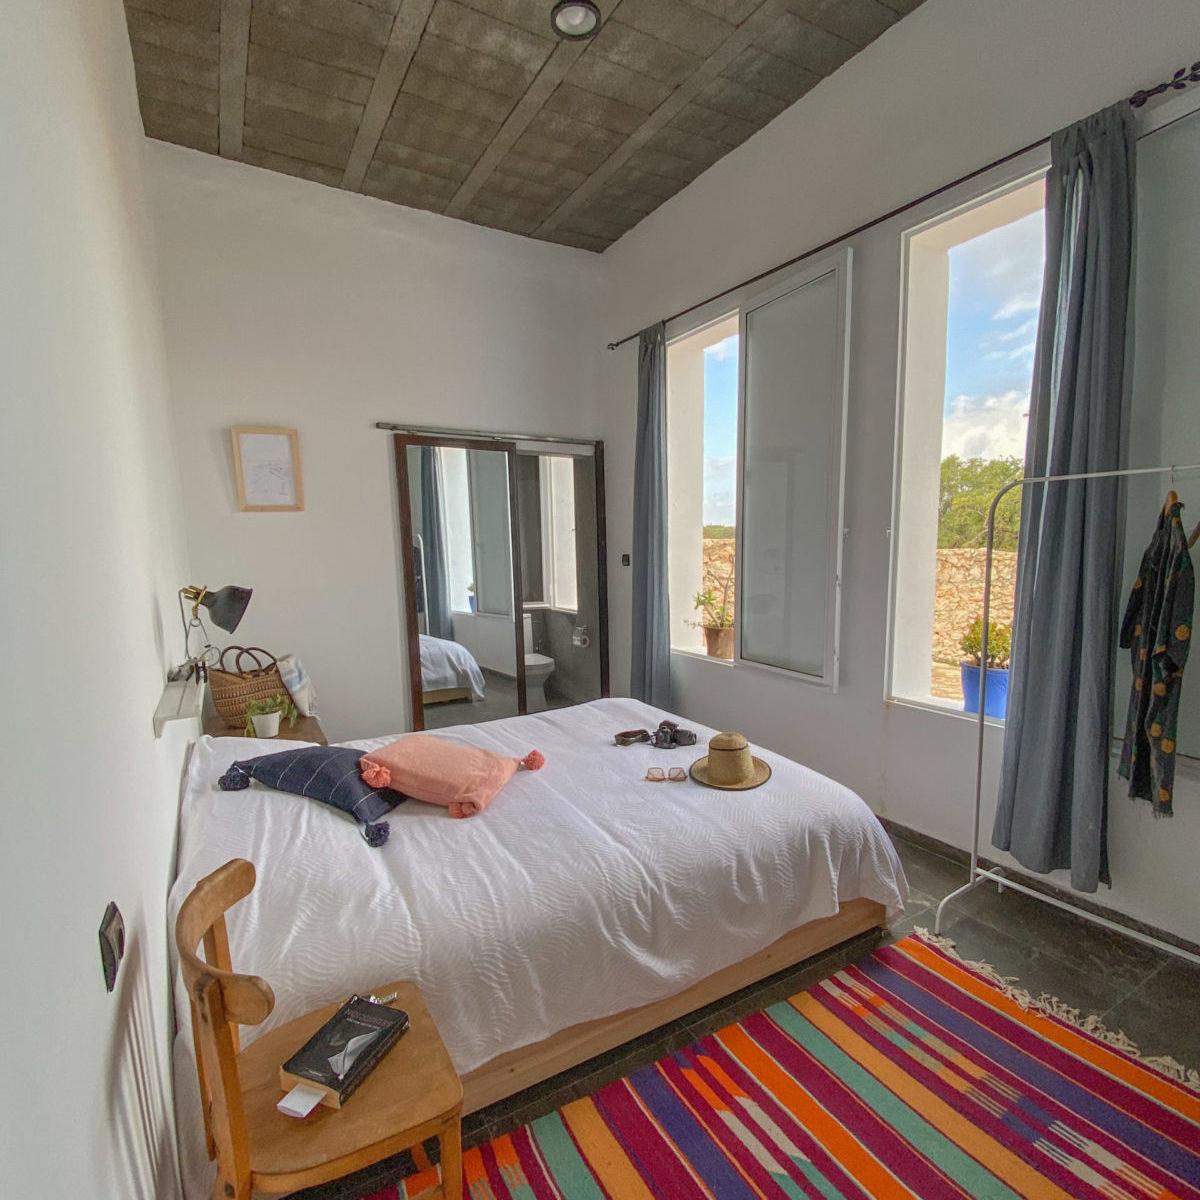 Double room Lovingsurf house Essaouira